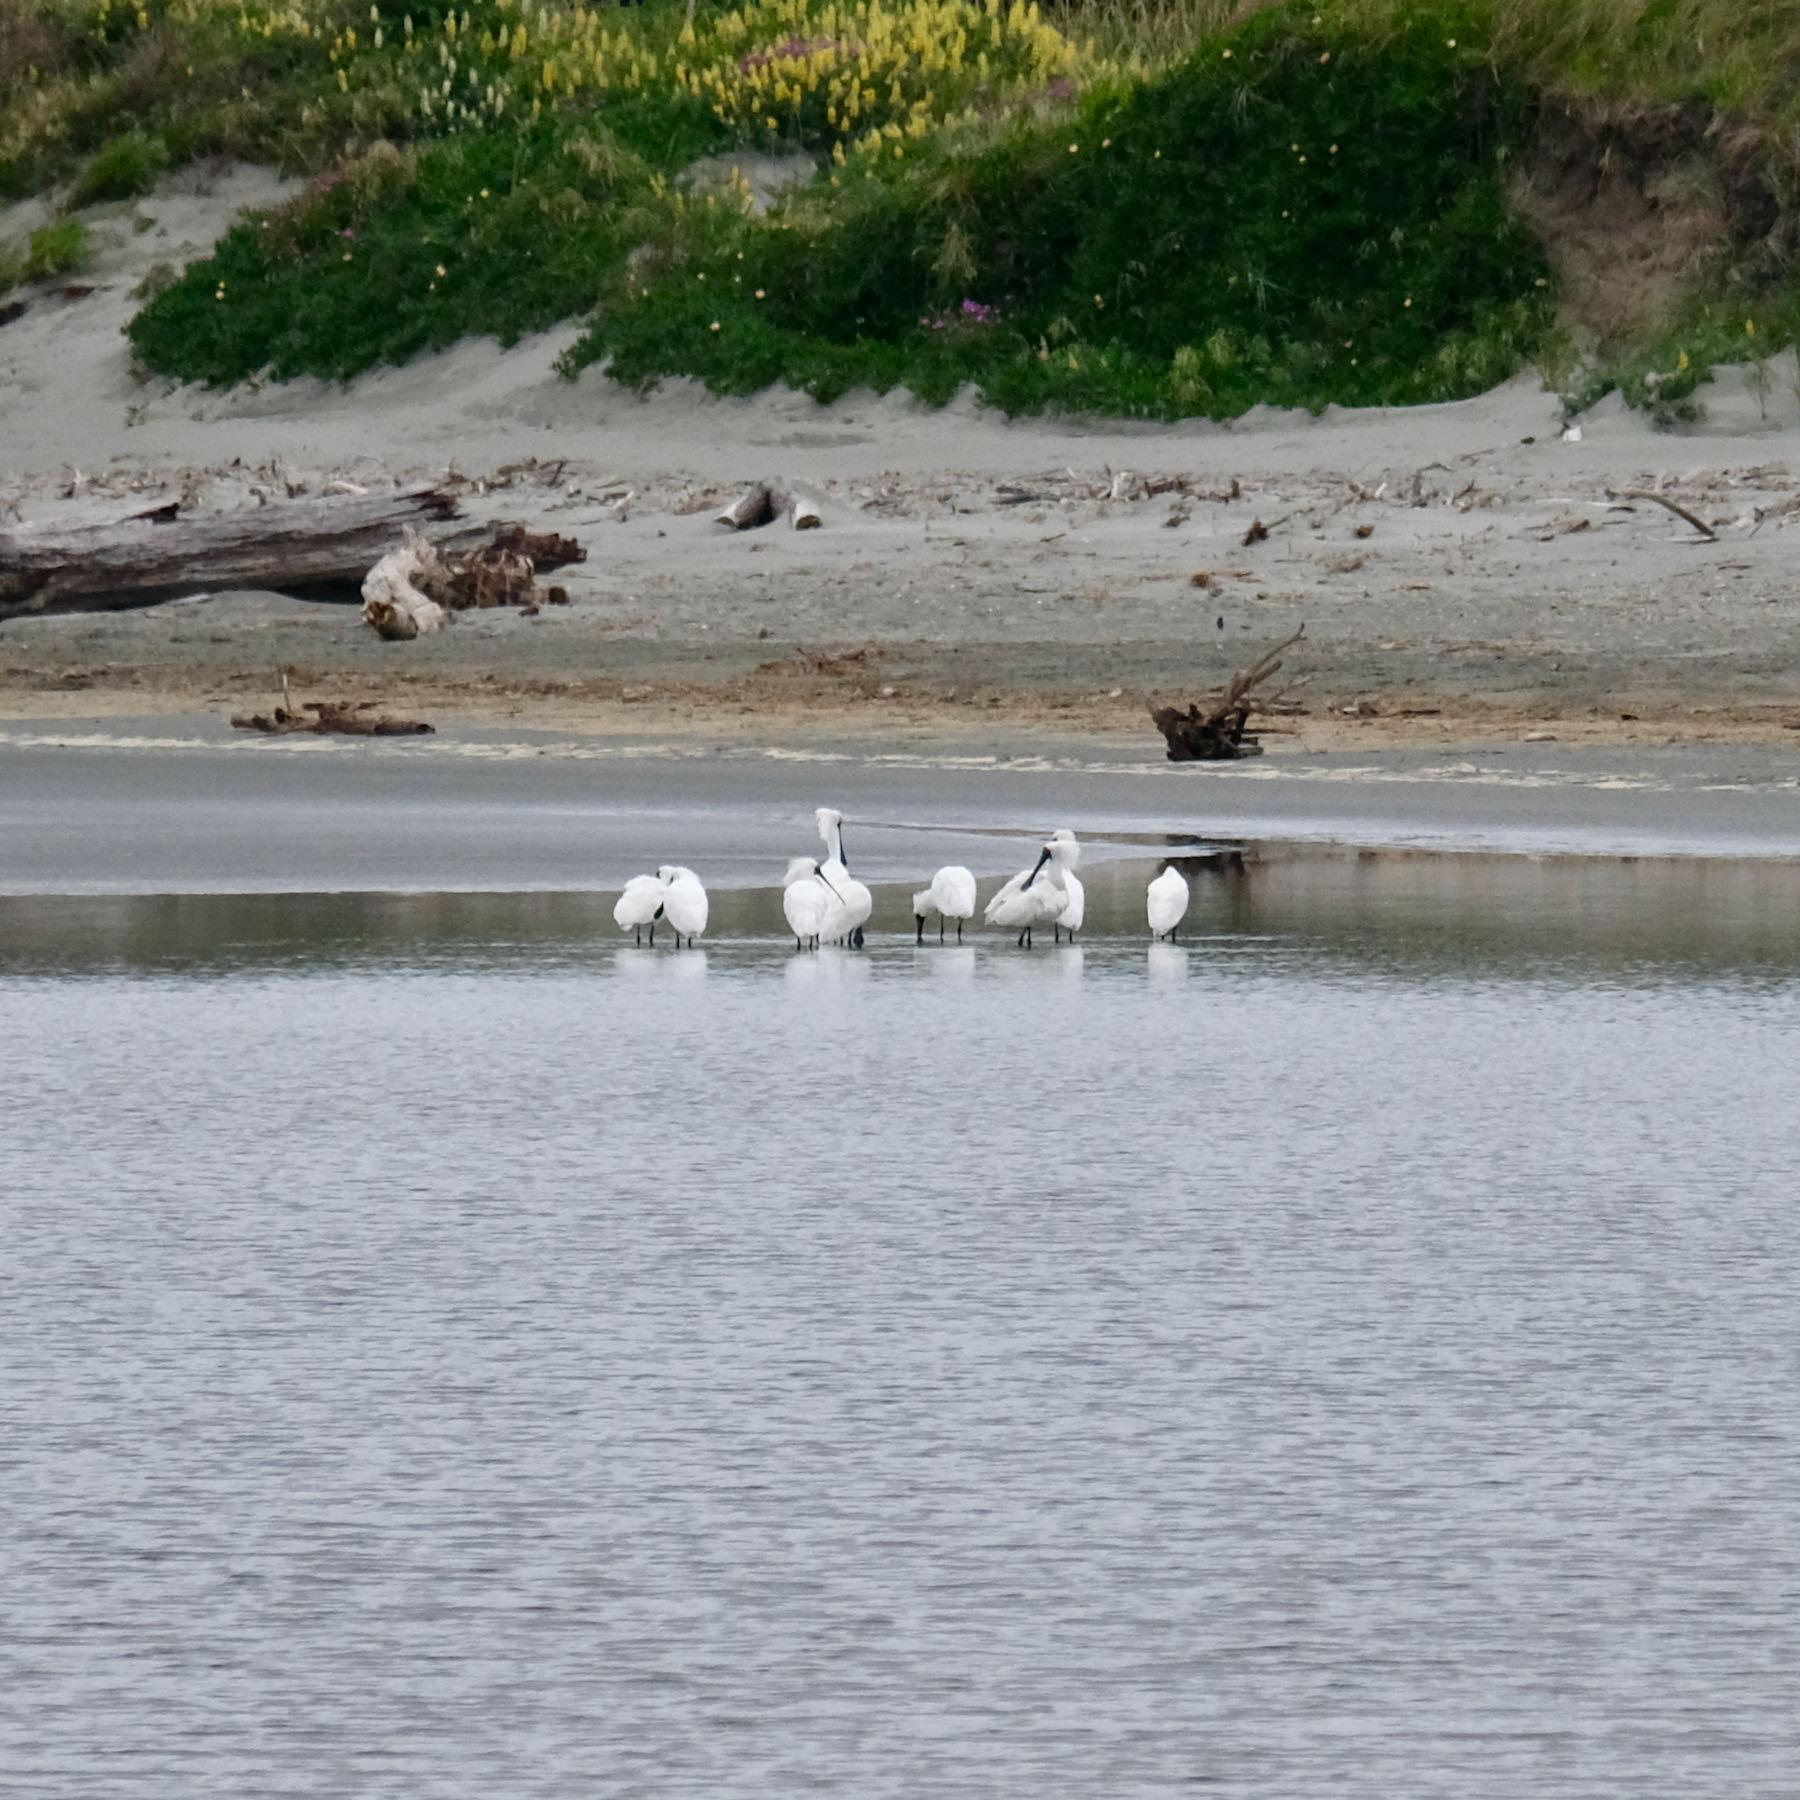 9 Spoonbills in the estuary.